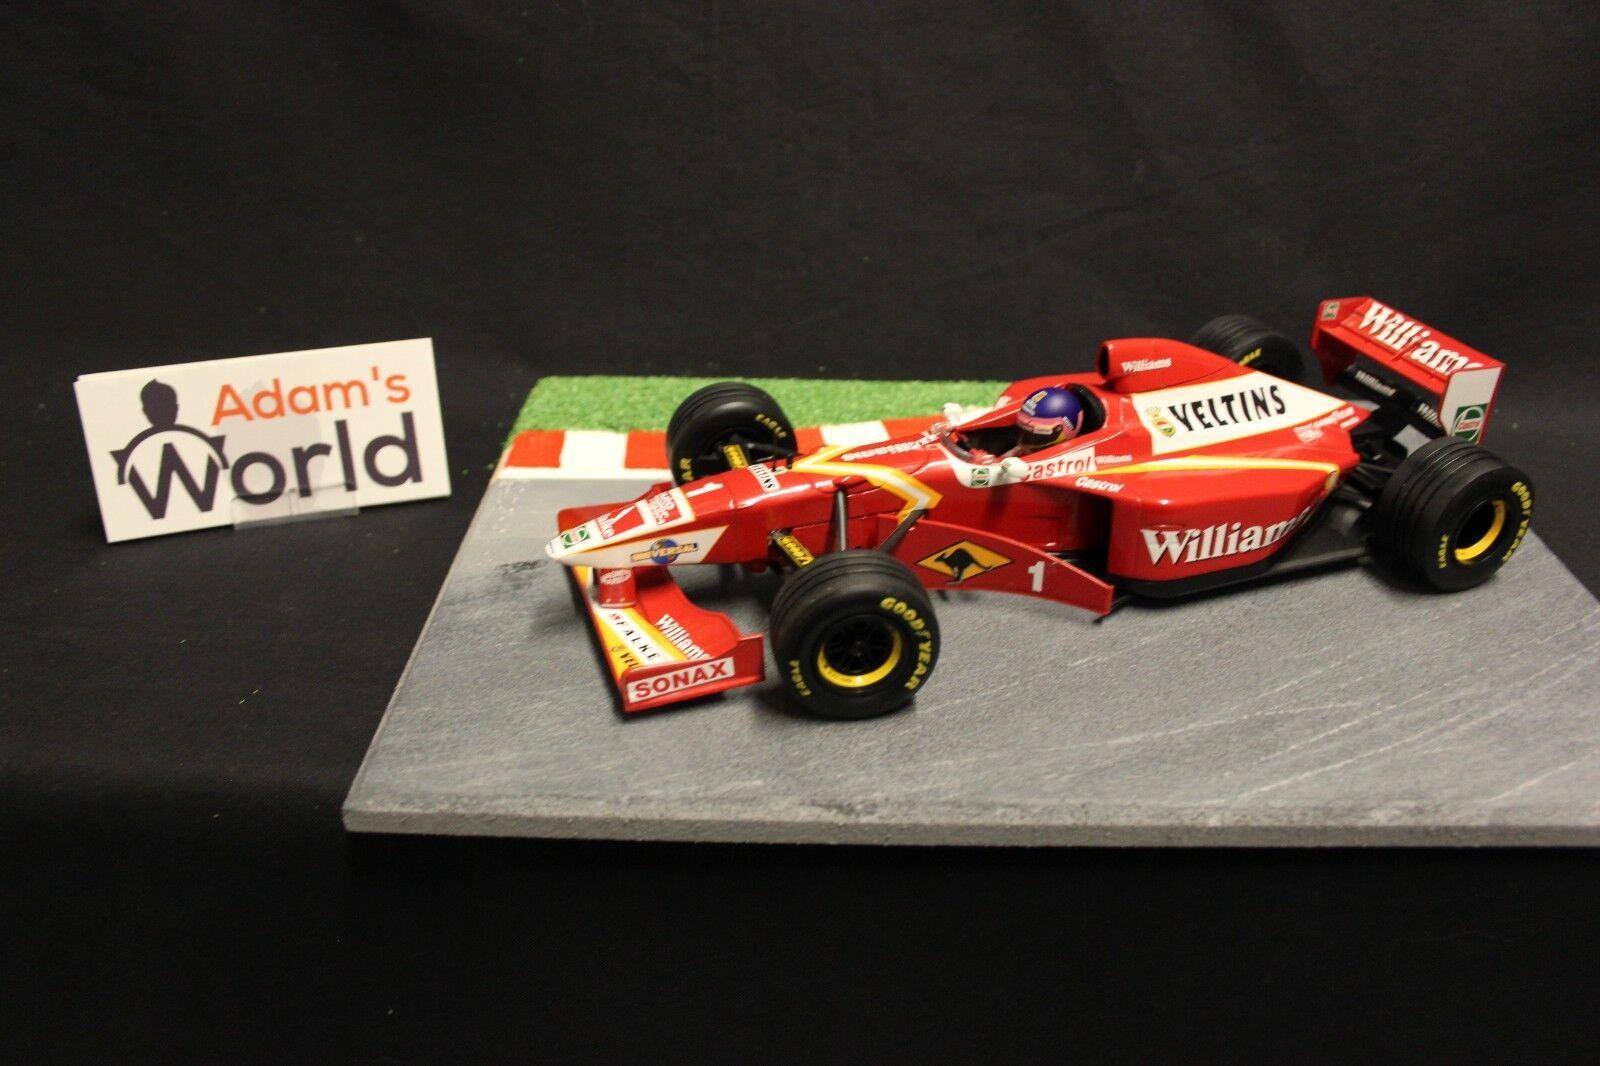 Minichamps Williams Mecachrome show car 1998 1 1 1 18  1 Jacques Villeneuve (F1NB) 6db071